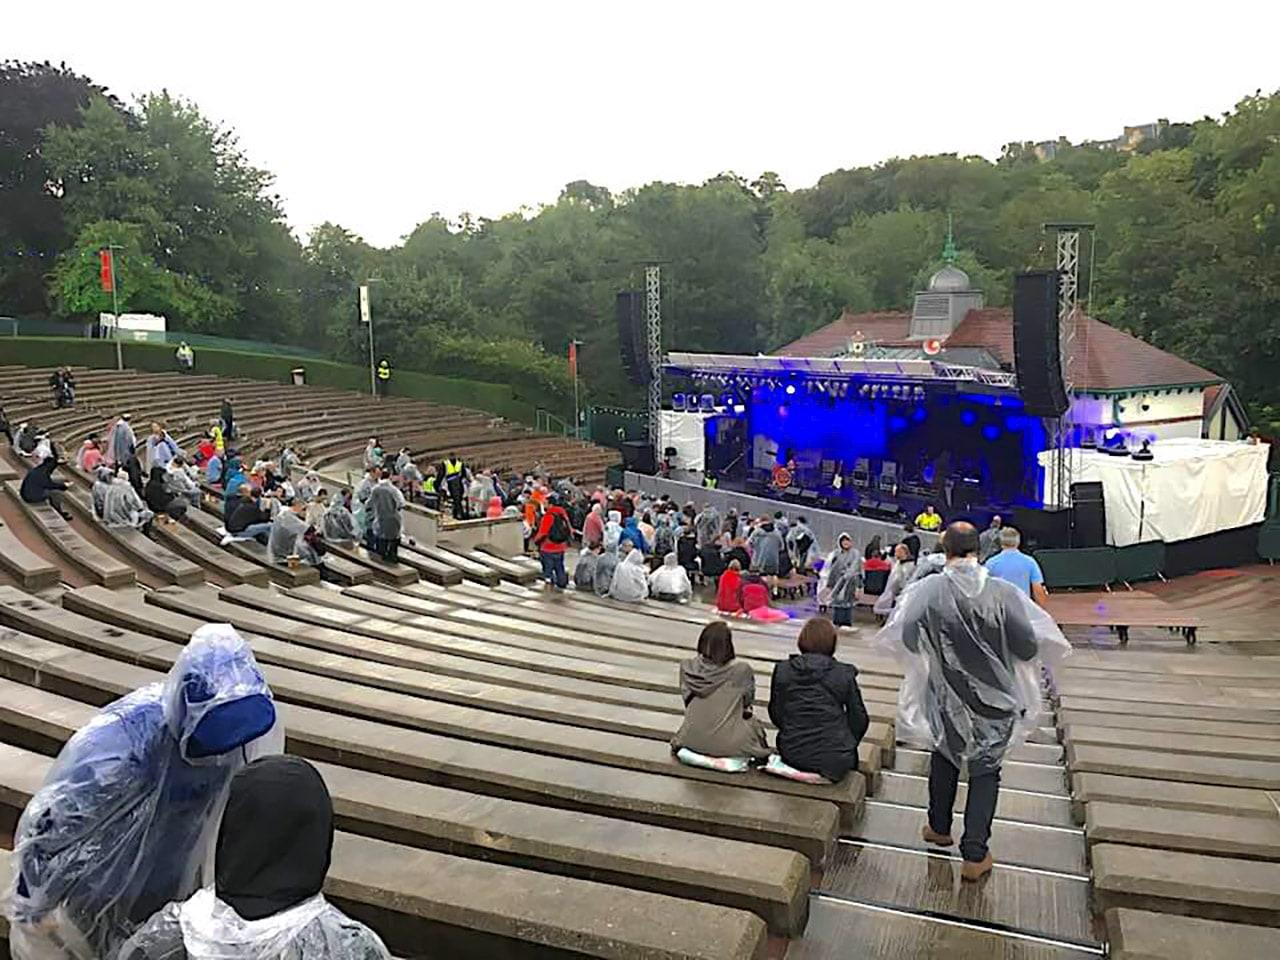 スコットランド・グラスゴーの野外音楽イベント